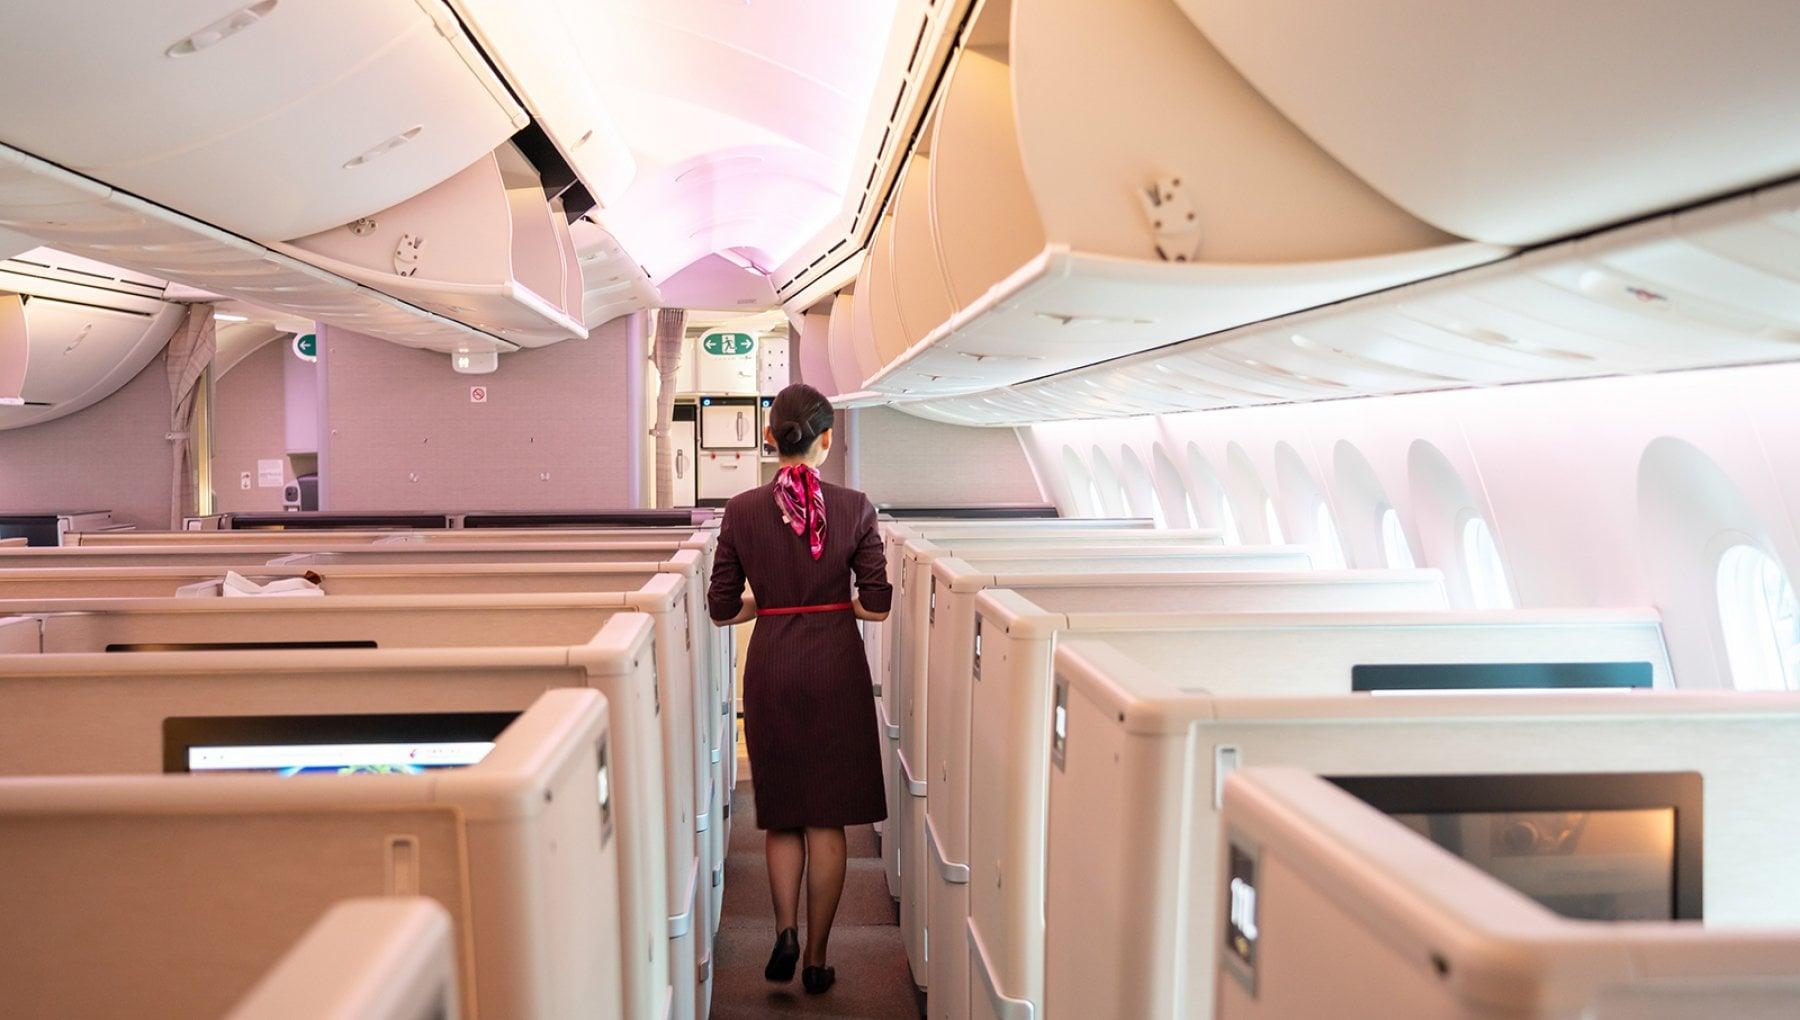 Covid Pechino avvisa hostess e steward Indossate il pannolone nei voli a rischio